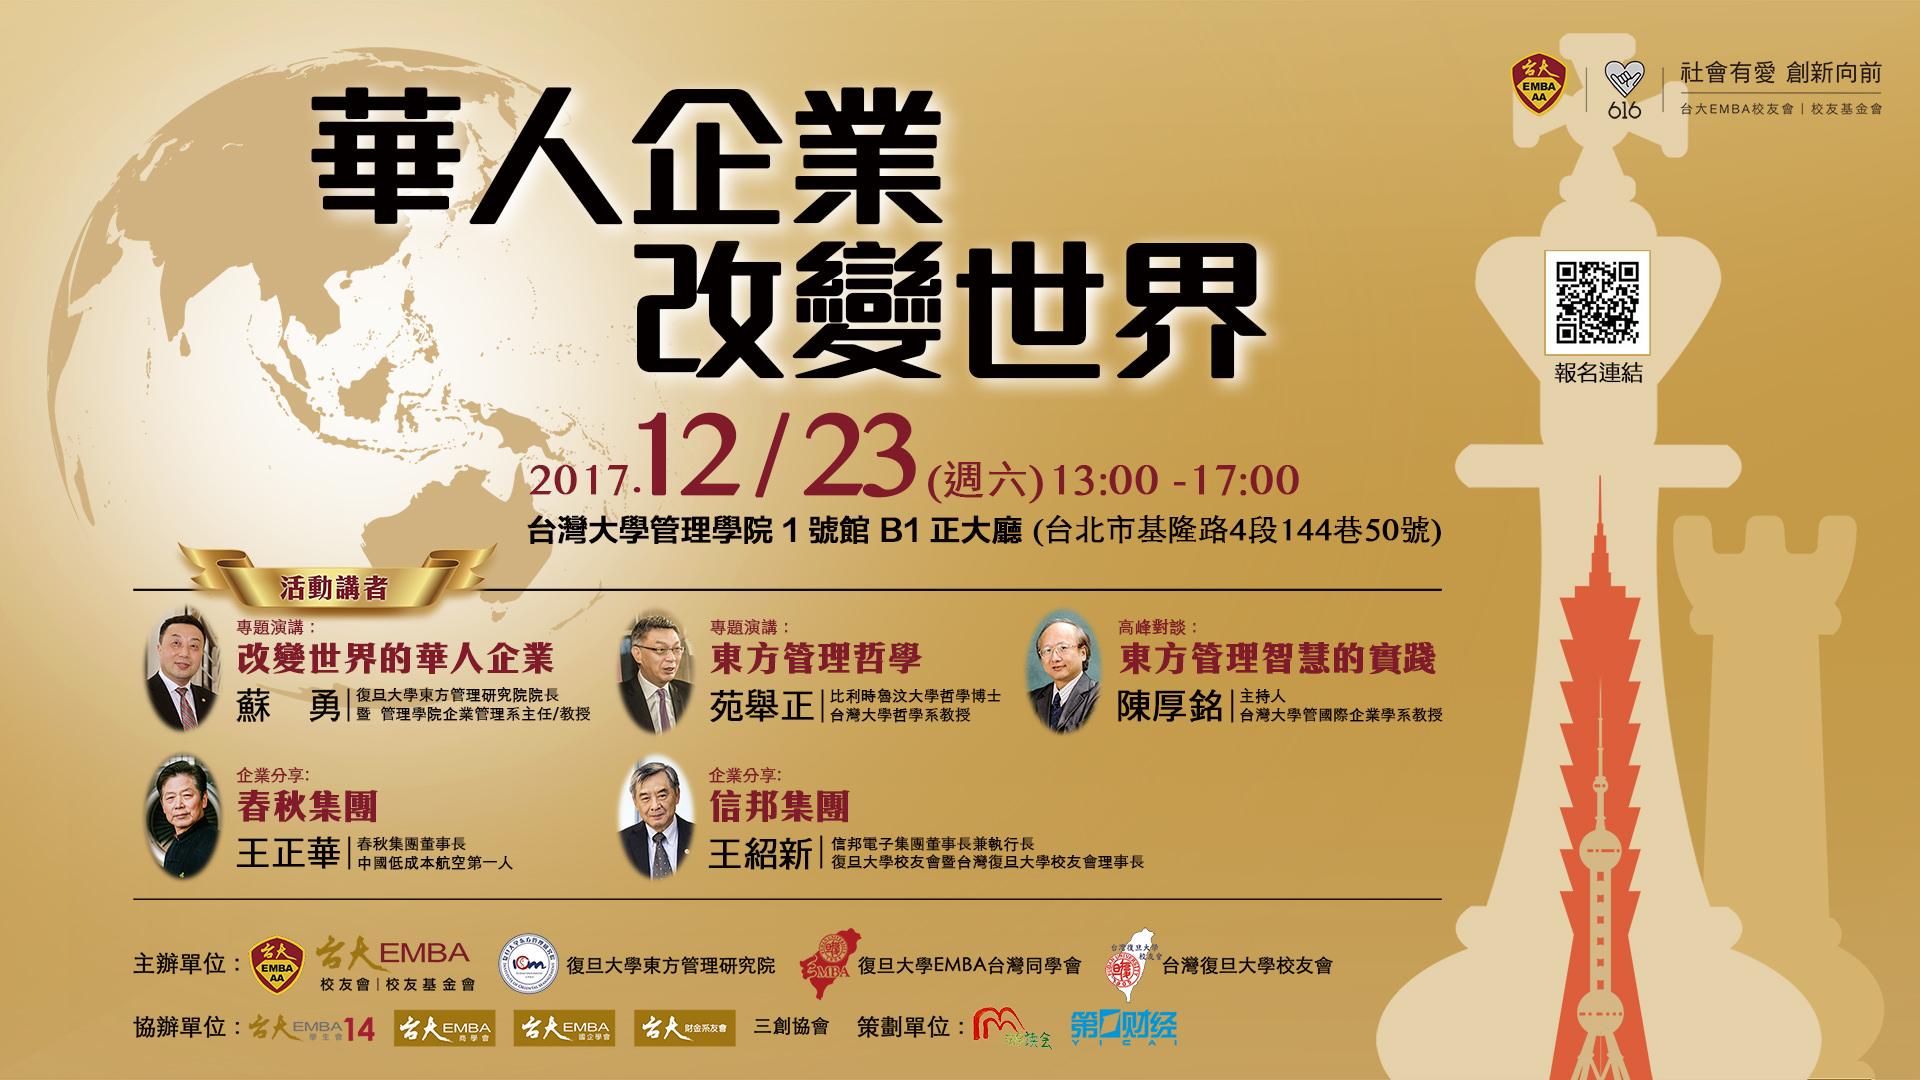 12/23(六)「華人企業改變世界暨海峽兩岸企業管理」高峰論壇